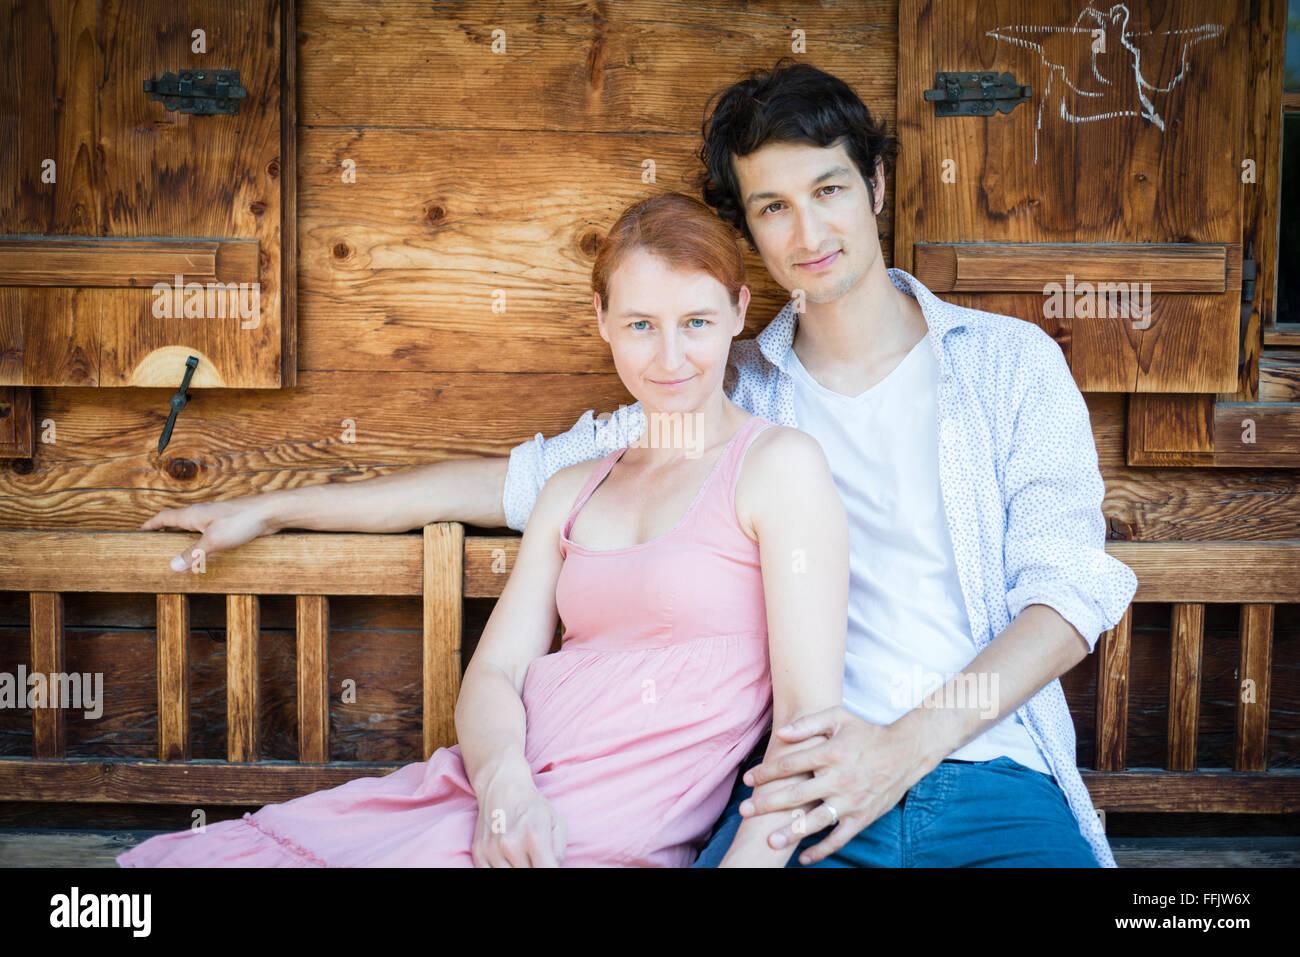 Retrato de pareja feliz sentados uno al lado del otro Imagen De Stock